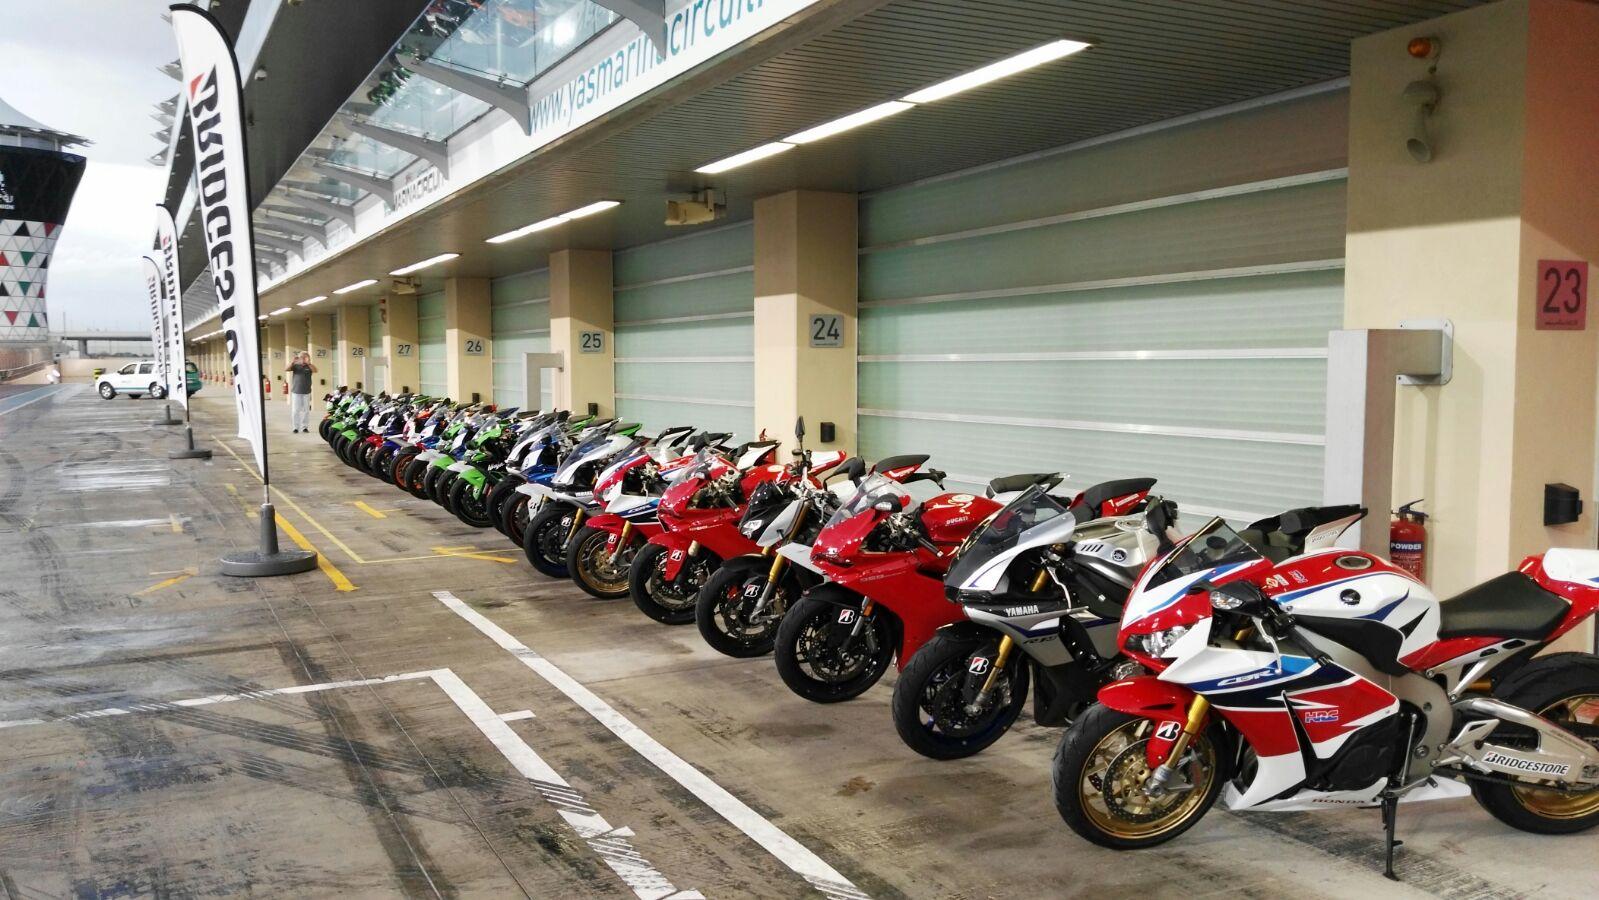 Neumoto  presentacin Bridgestone S21 Abu Dhabi,  Dubai  Circuito Yas Marina,